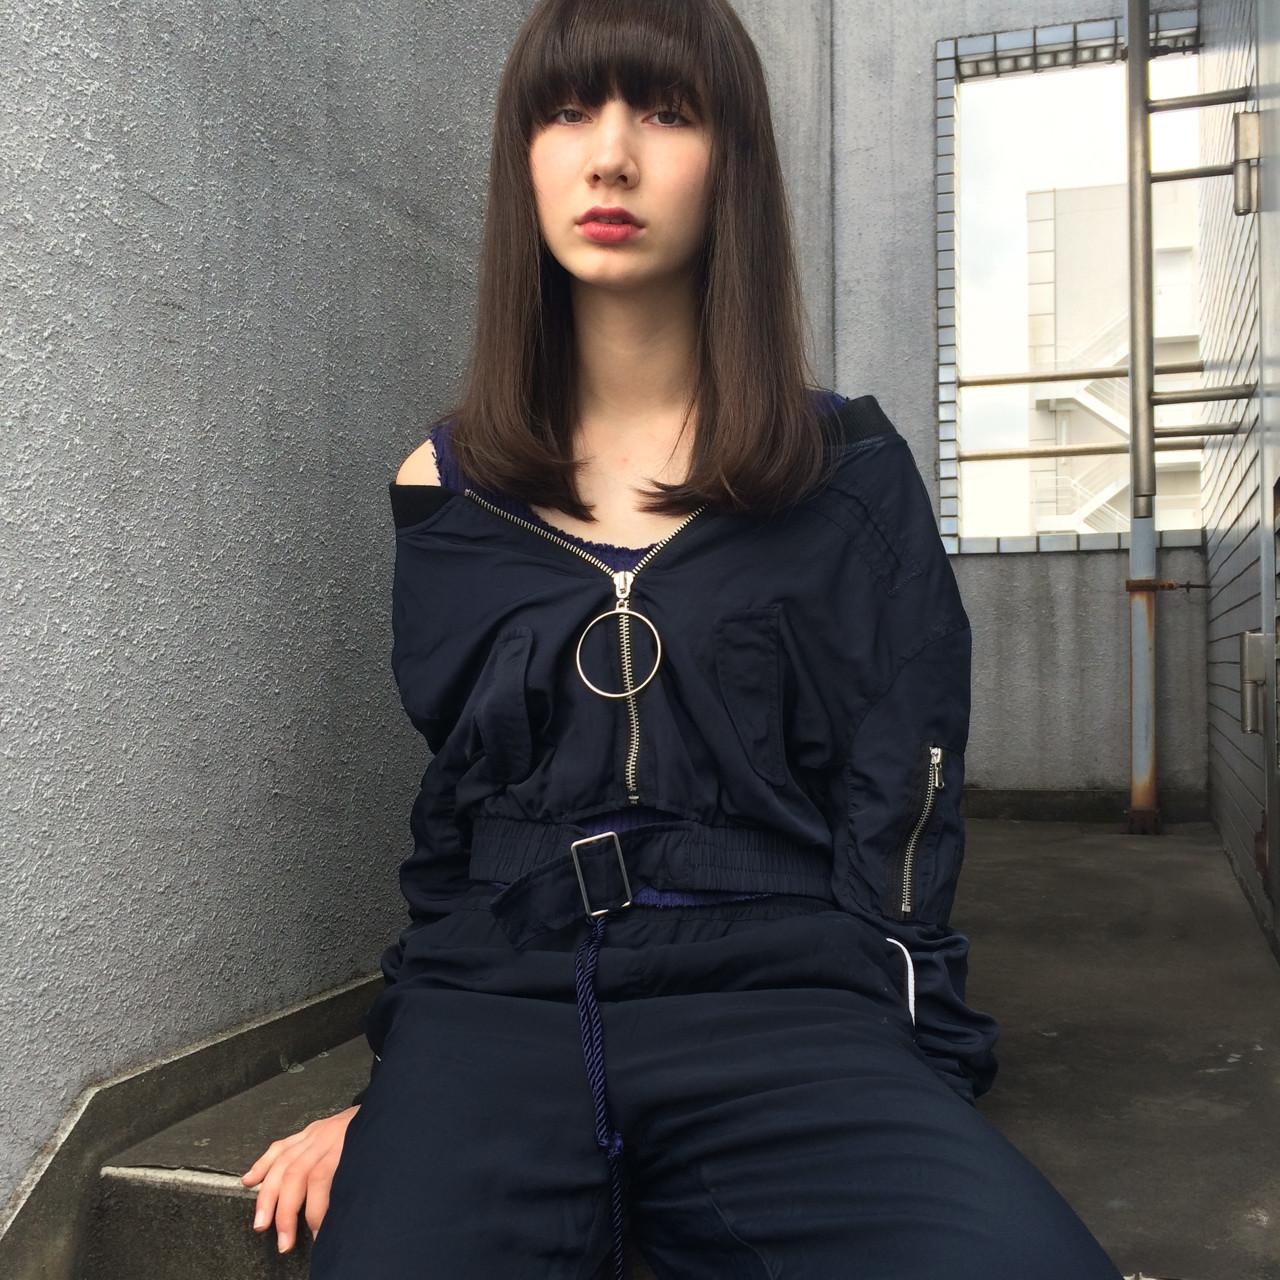 魅力的な黒髪美人に♡あなたの魅力を引き立てるヘアスタイル YUKINA